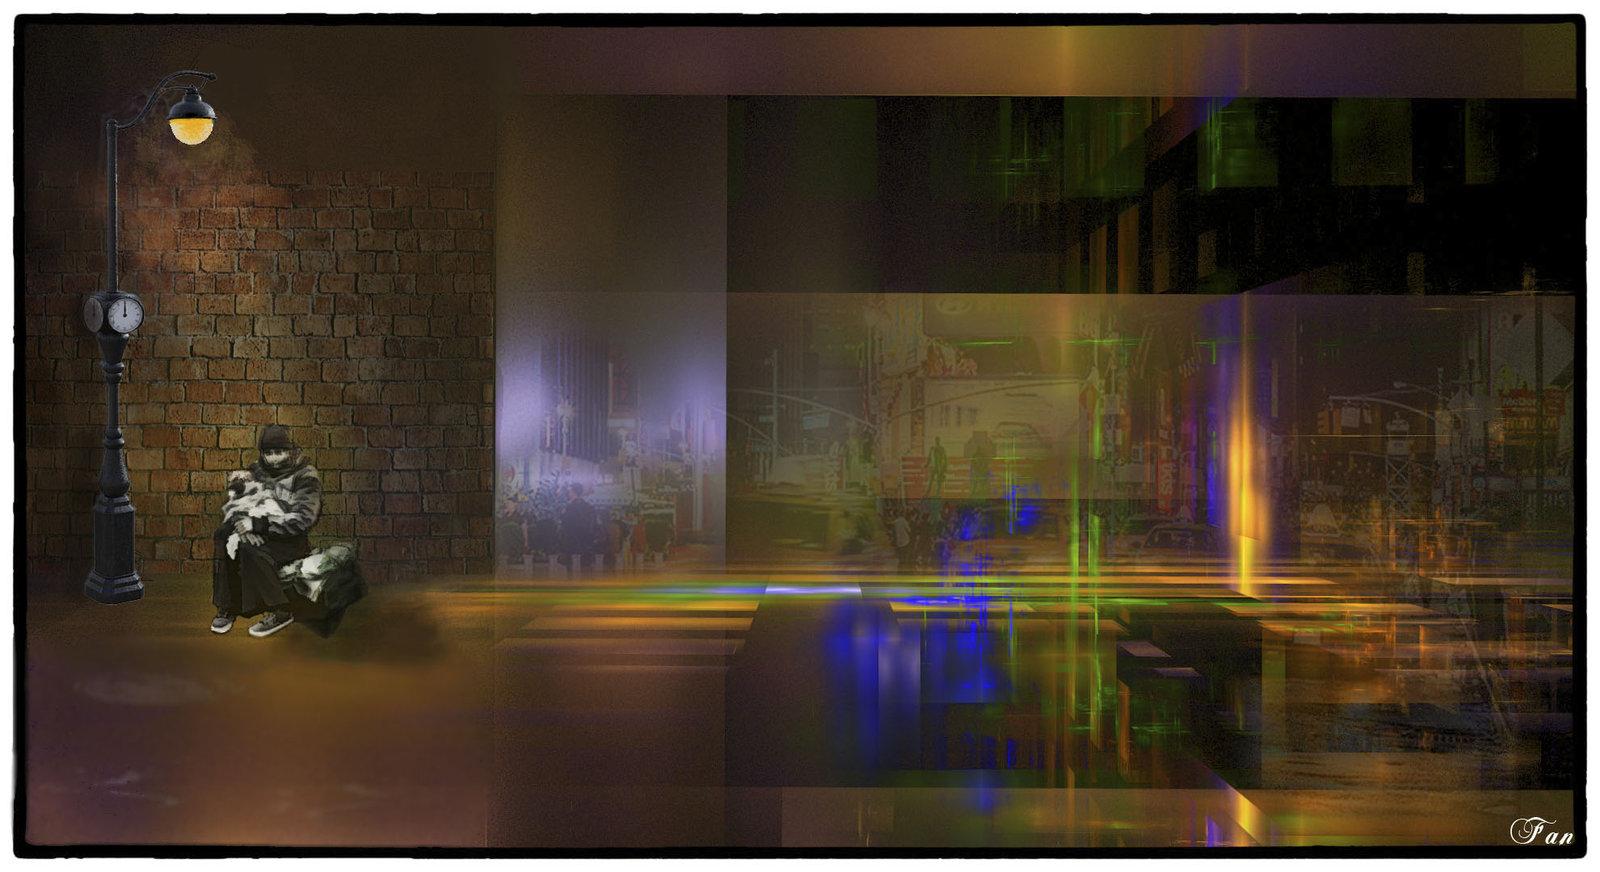 Fabrique d' IMAGES de Vagabonde (album:2) - Page 16 191210045751812533